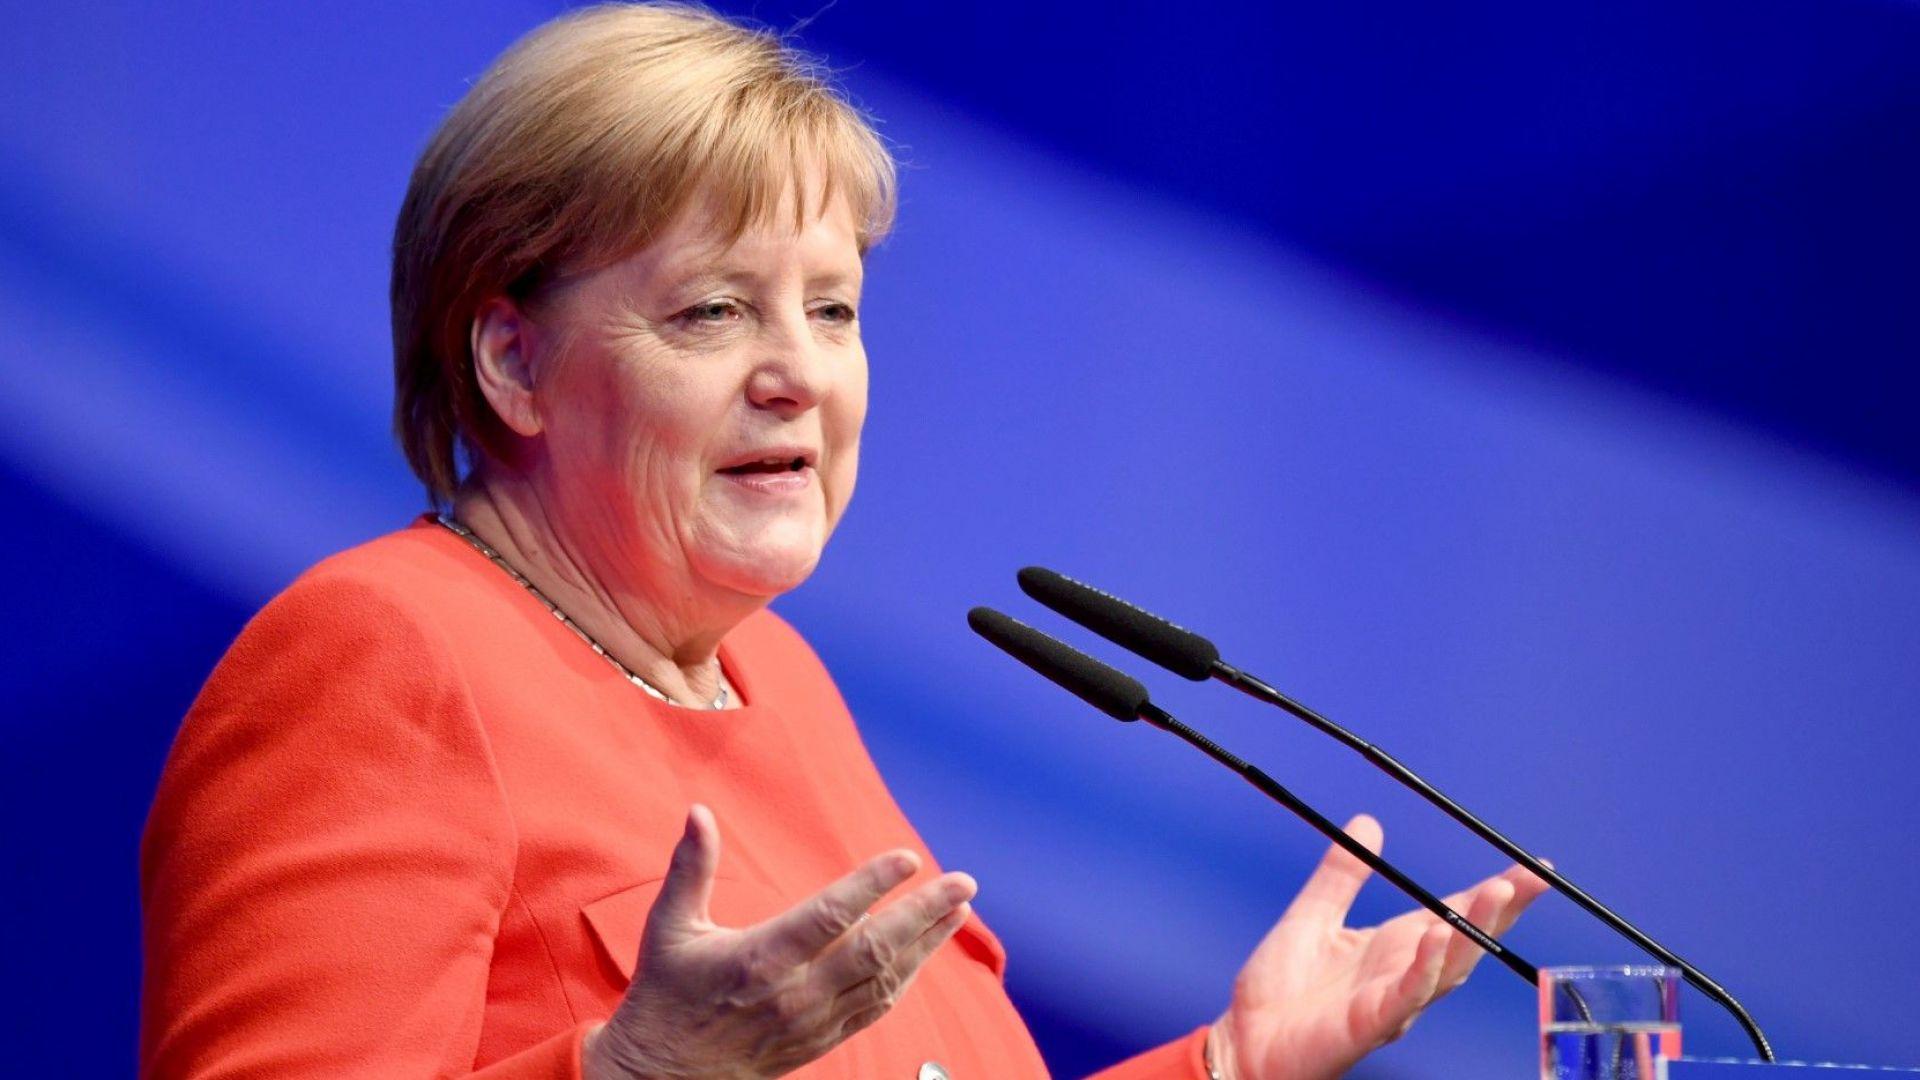 Германия е продала оръжие на С. Арабия за 500 млн. долара